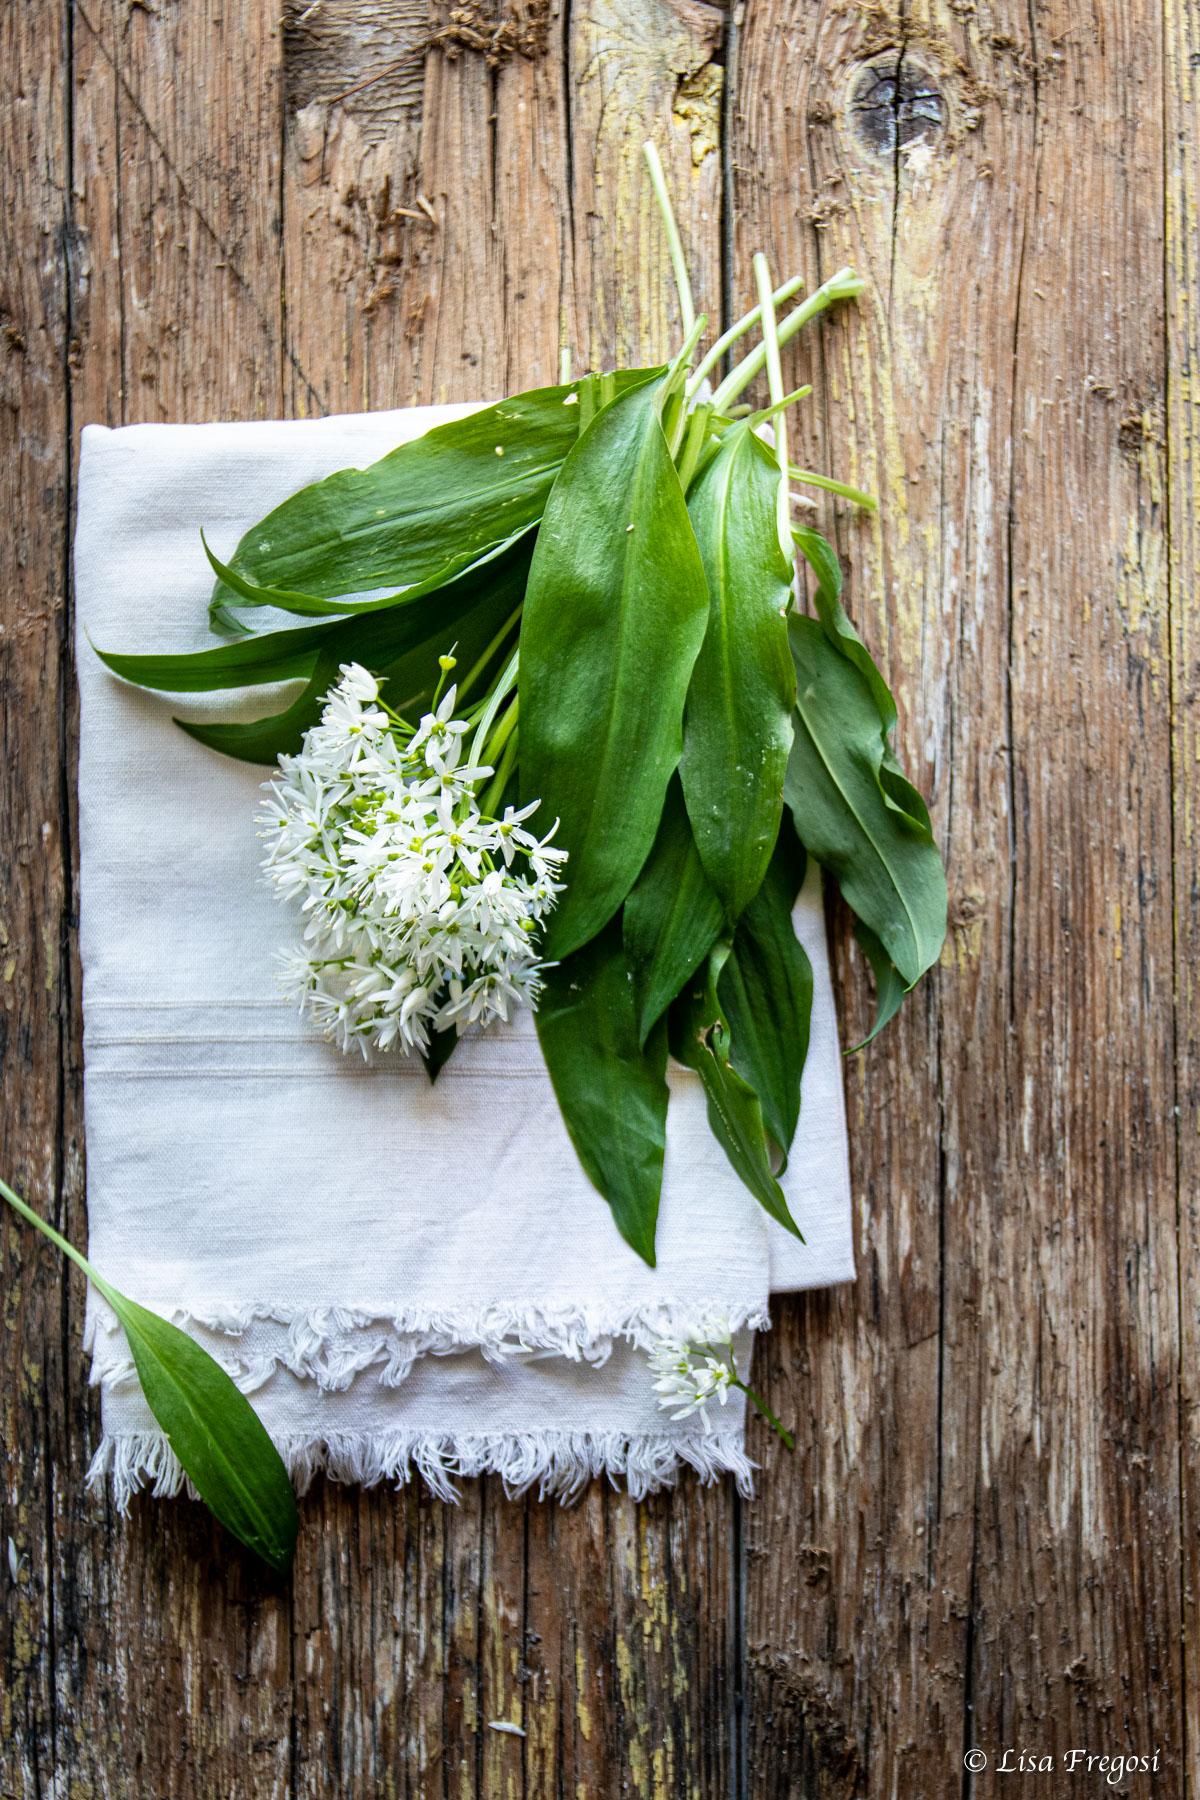 i bellissimi fiori di aglio orsino